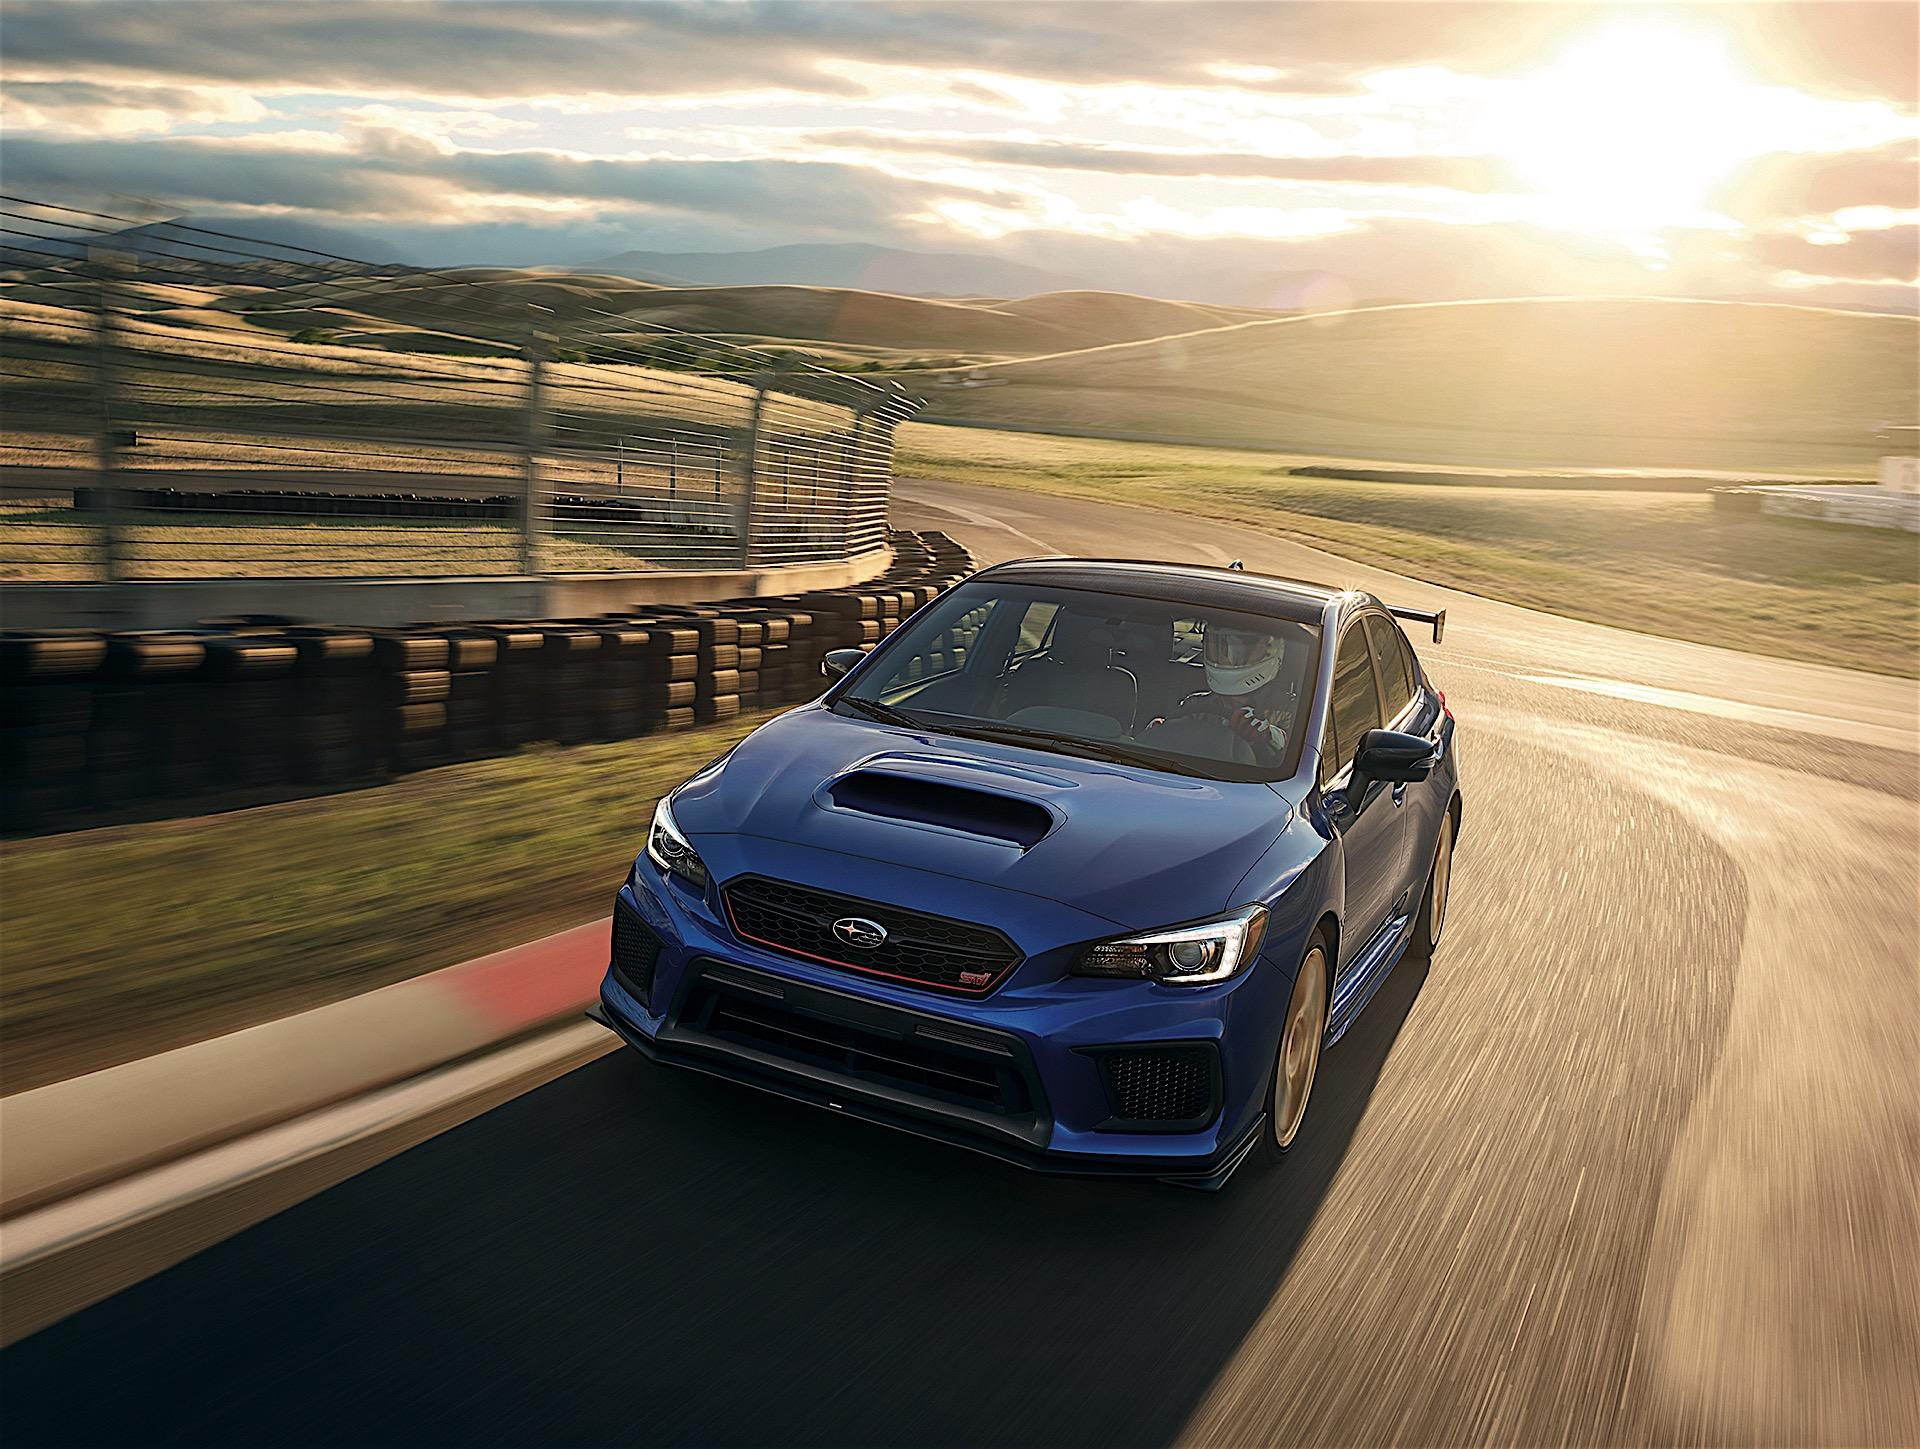 Subaru Continues to Tease its Upcoming STI Models